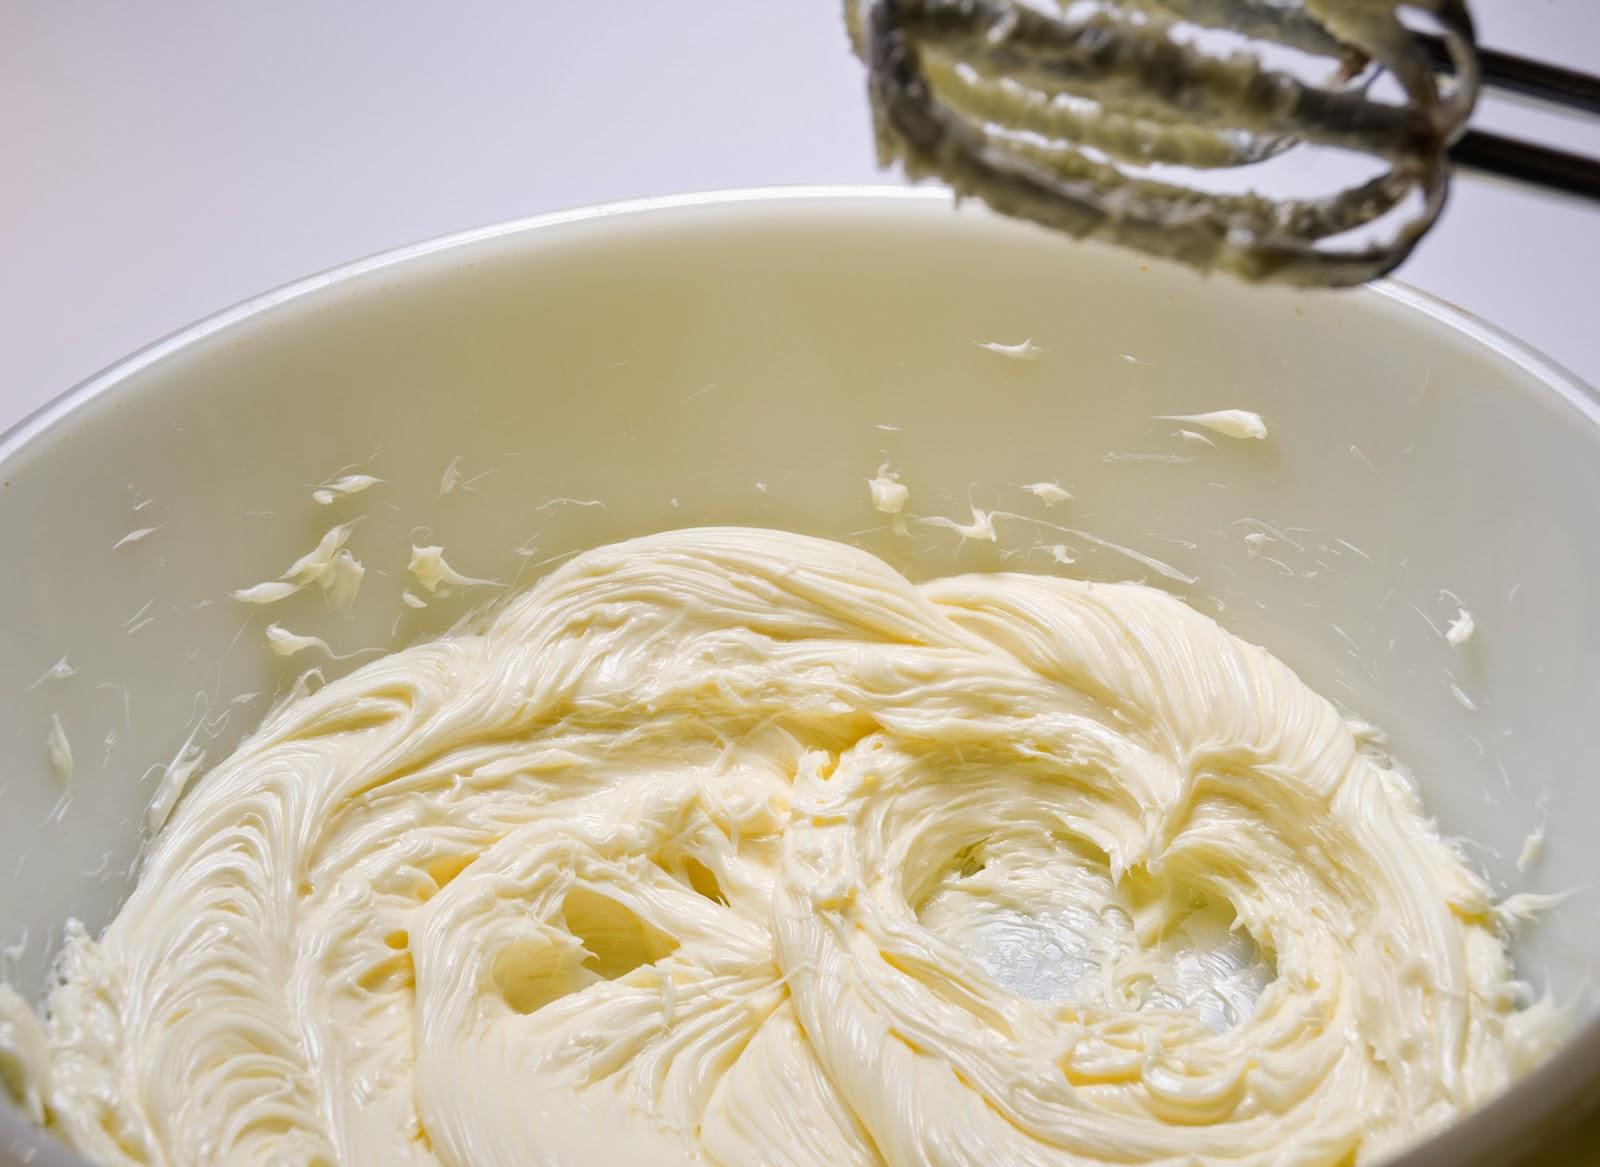 Крем из сливок для торта - 10 рецептов - Всё, что актуально! 74